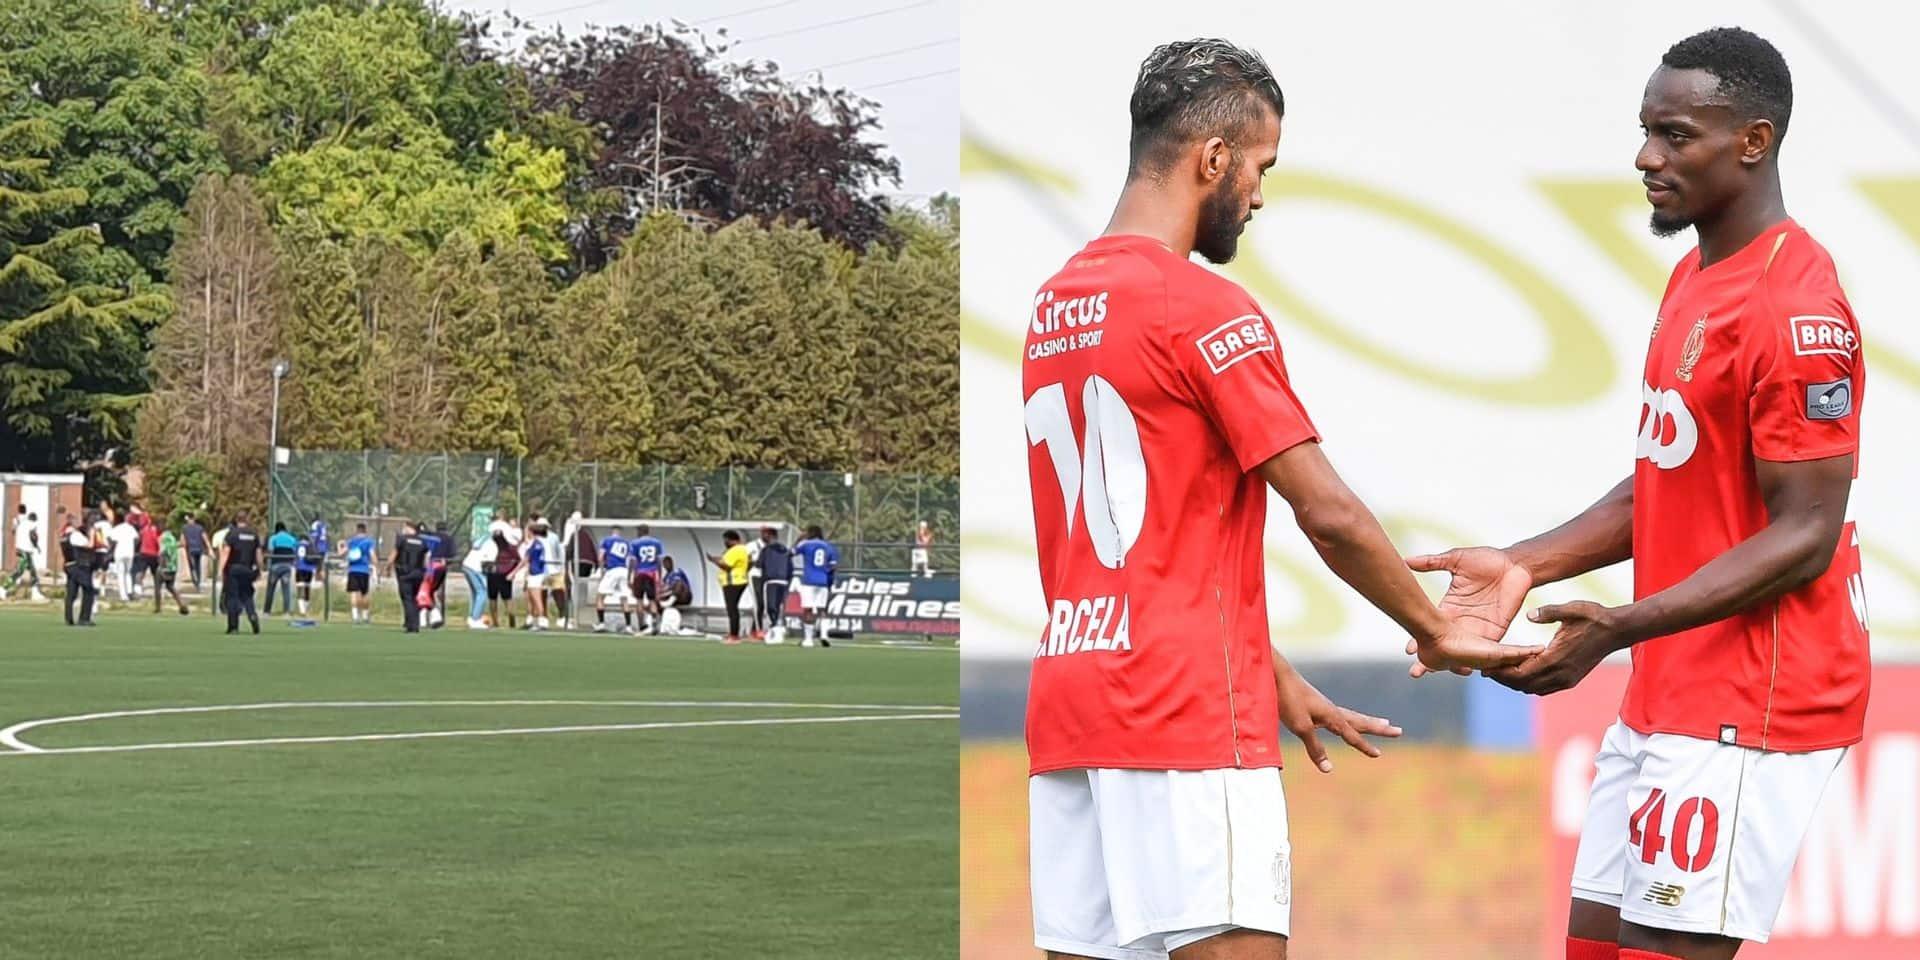 Match de foot clandestin à Visé avec Mpoku, Carcela et Edmilson: il n'y aura pas de poursuite